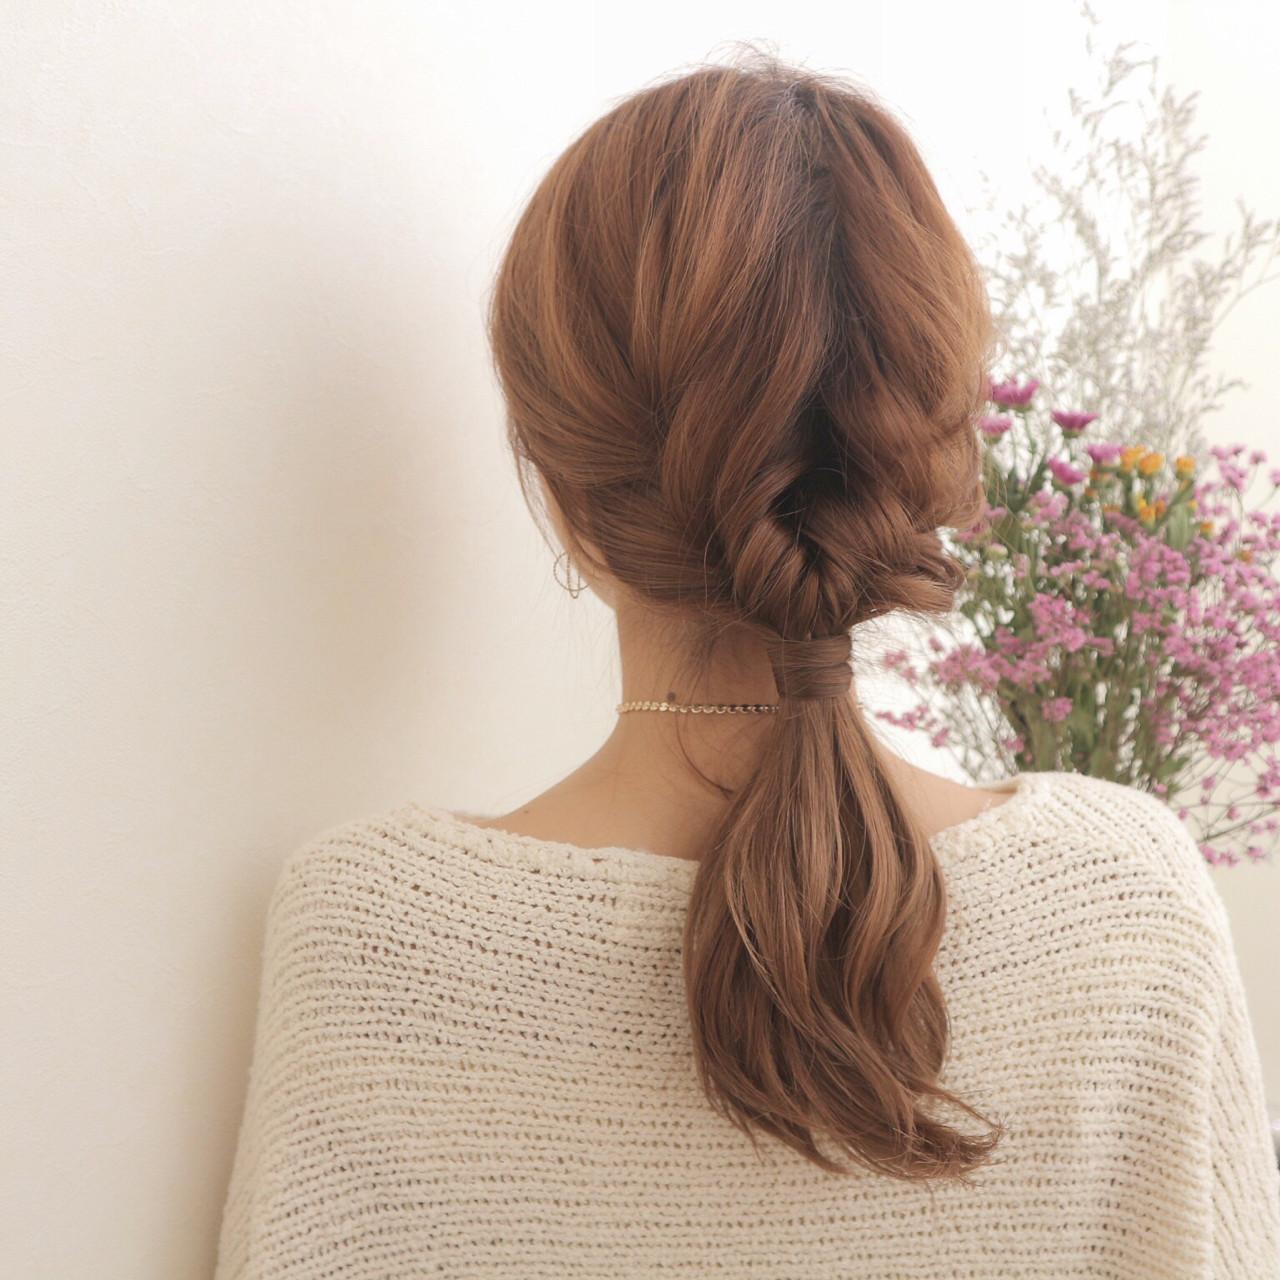 編み込みヘアアレンジが自分でできちゃう♡簡単な方法レッスン ryota kuwamura